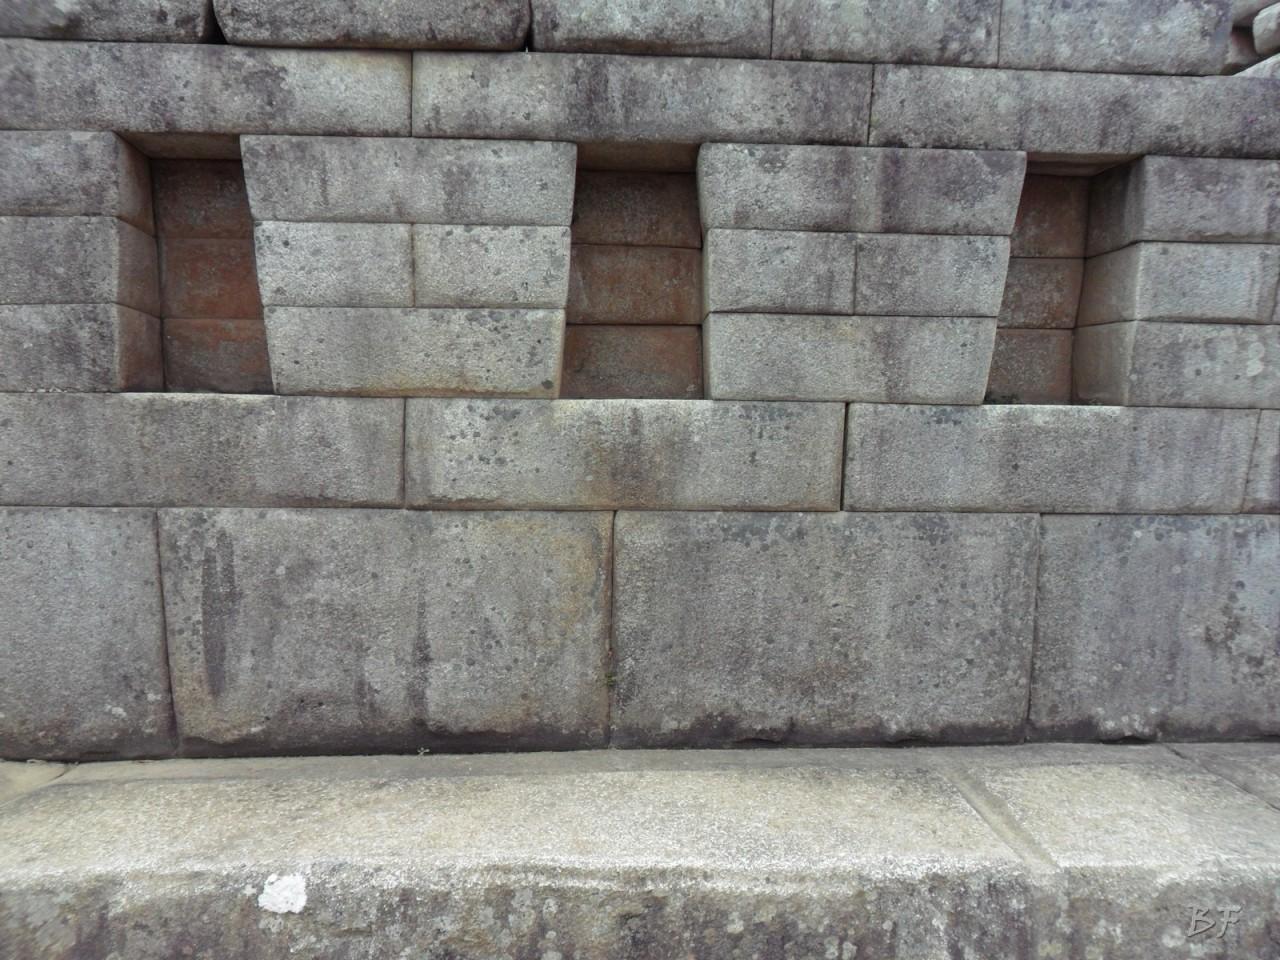 Mura-Poligonali-Incisioni-Altari-Edifici-Rupestri-Megaliti-Machu-Picchu-Aguas-Calientes-Urubamba-Cusco-Perù-112